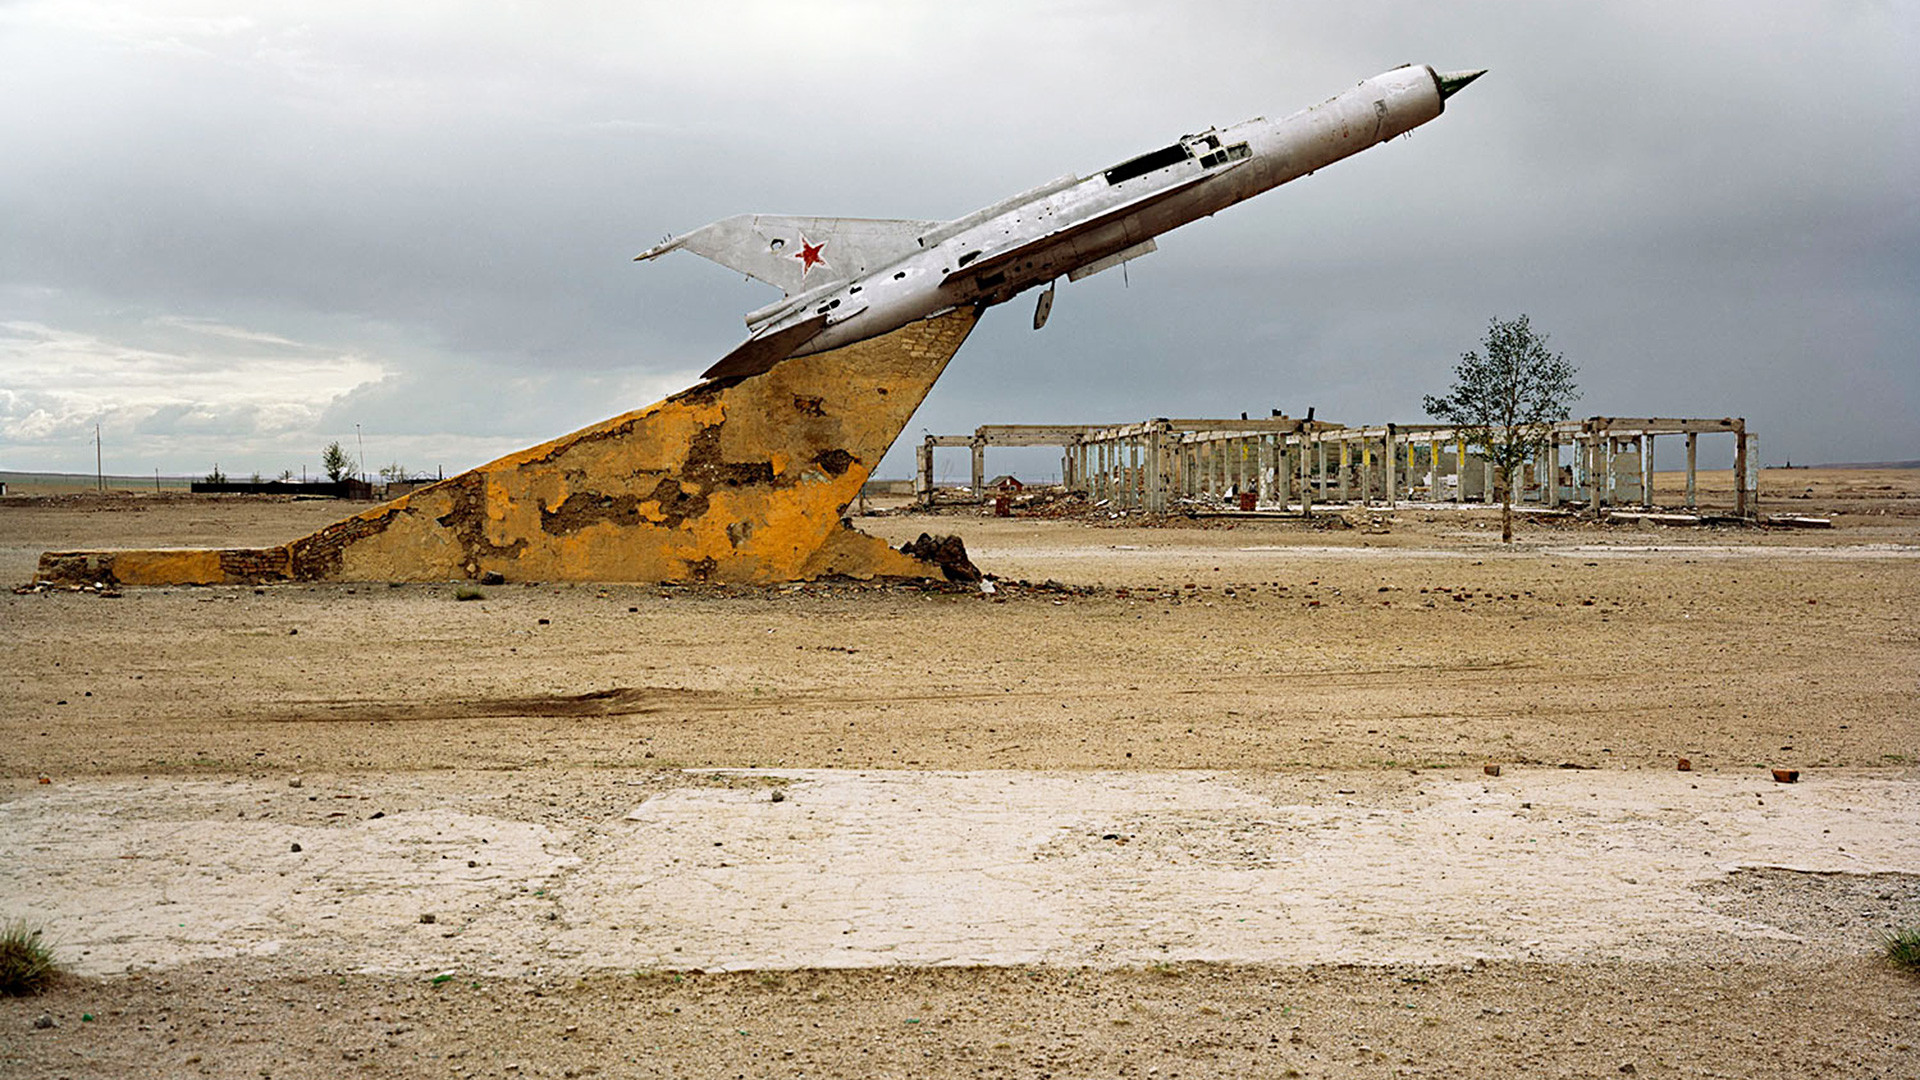 写真で見るソビエト軍事施設の廃墟 - ロシア・ビヨンド